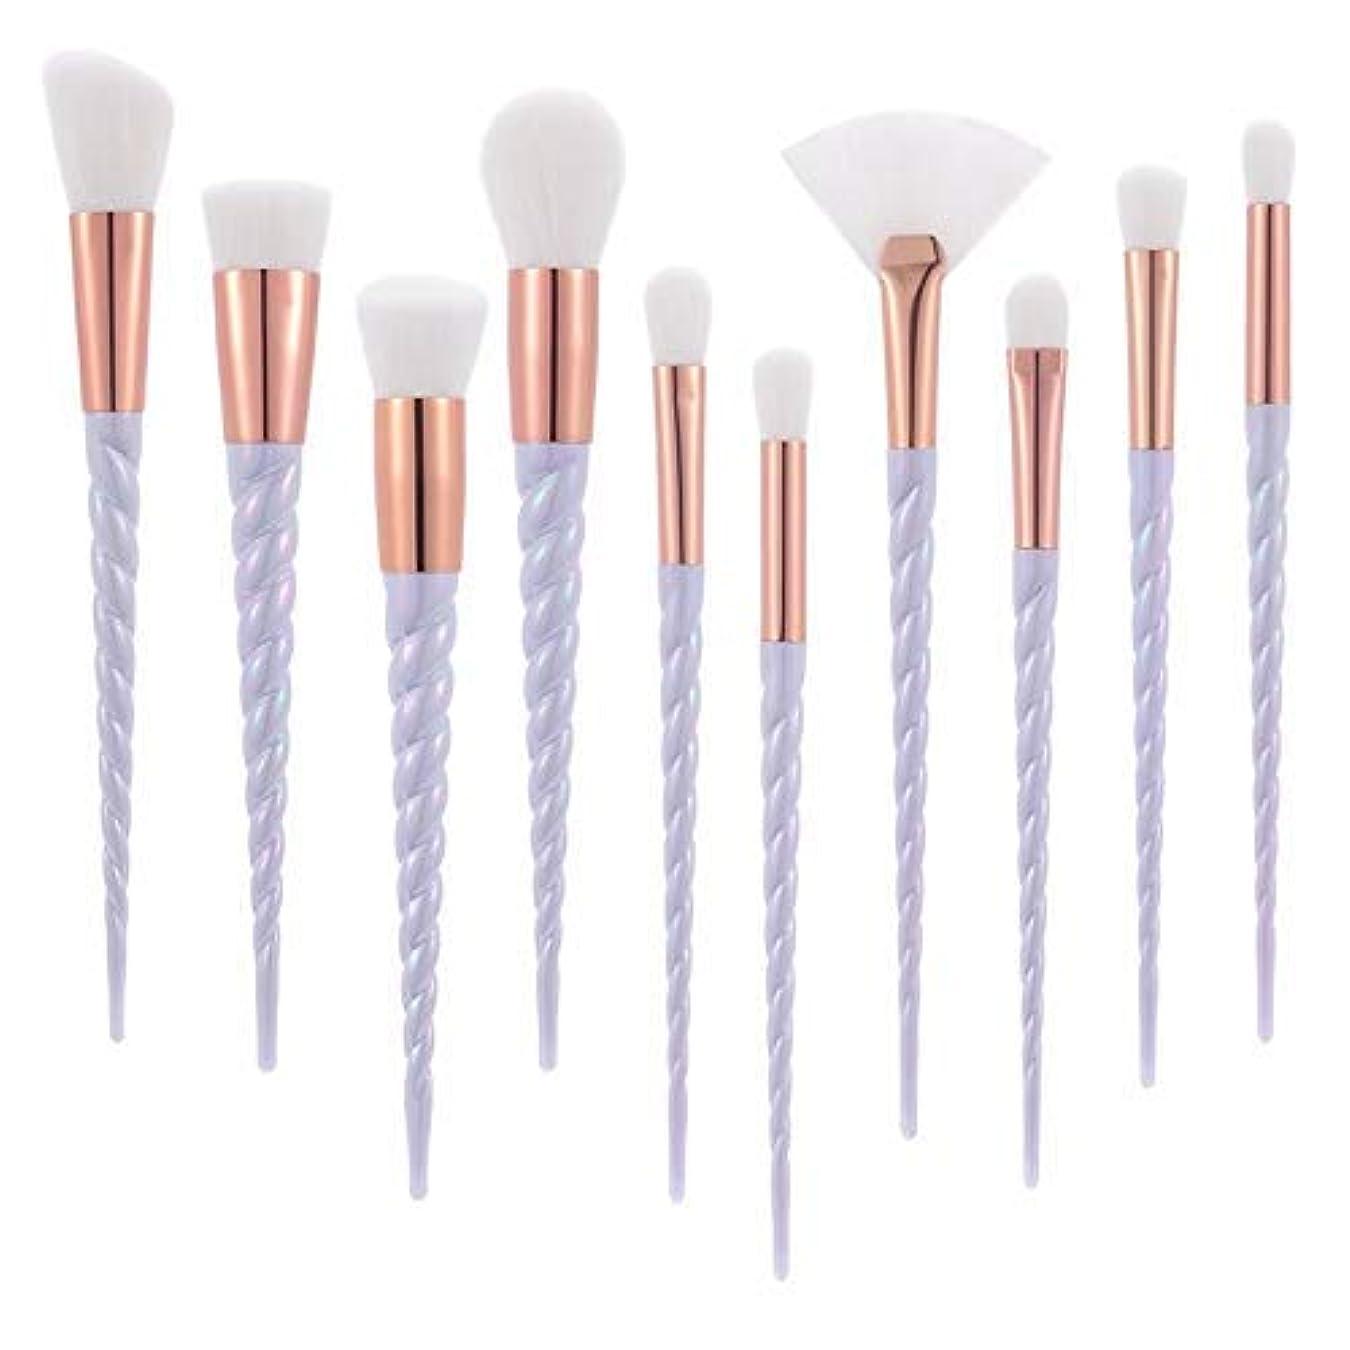 割れ目一般化するウィザード10本の化粧用ブラシ、上質のハンドル、ユニコーンブラシセット(紫髪)ブラシ(色:白)